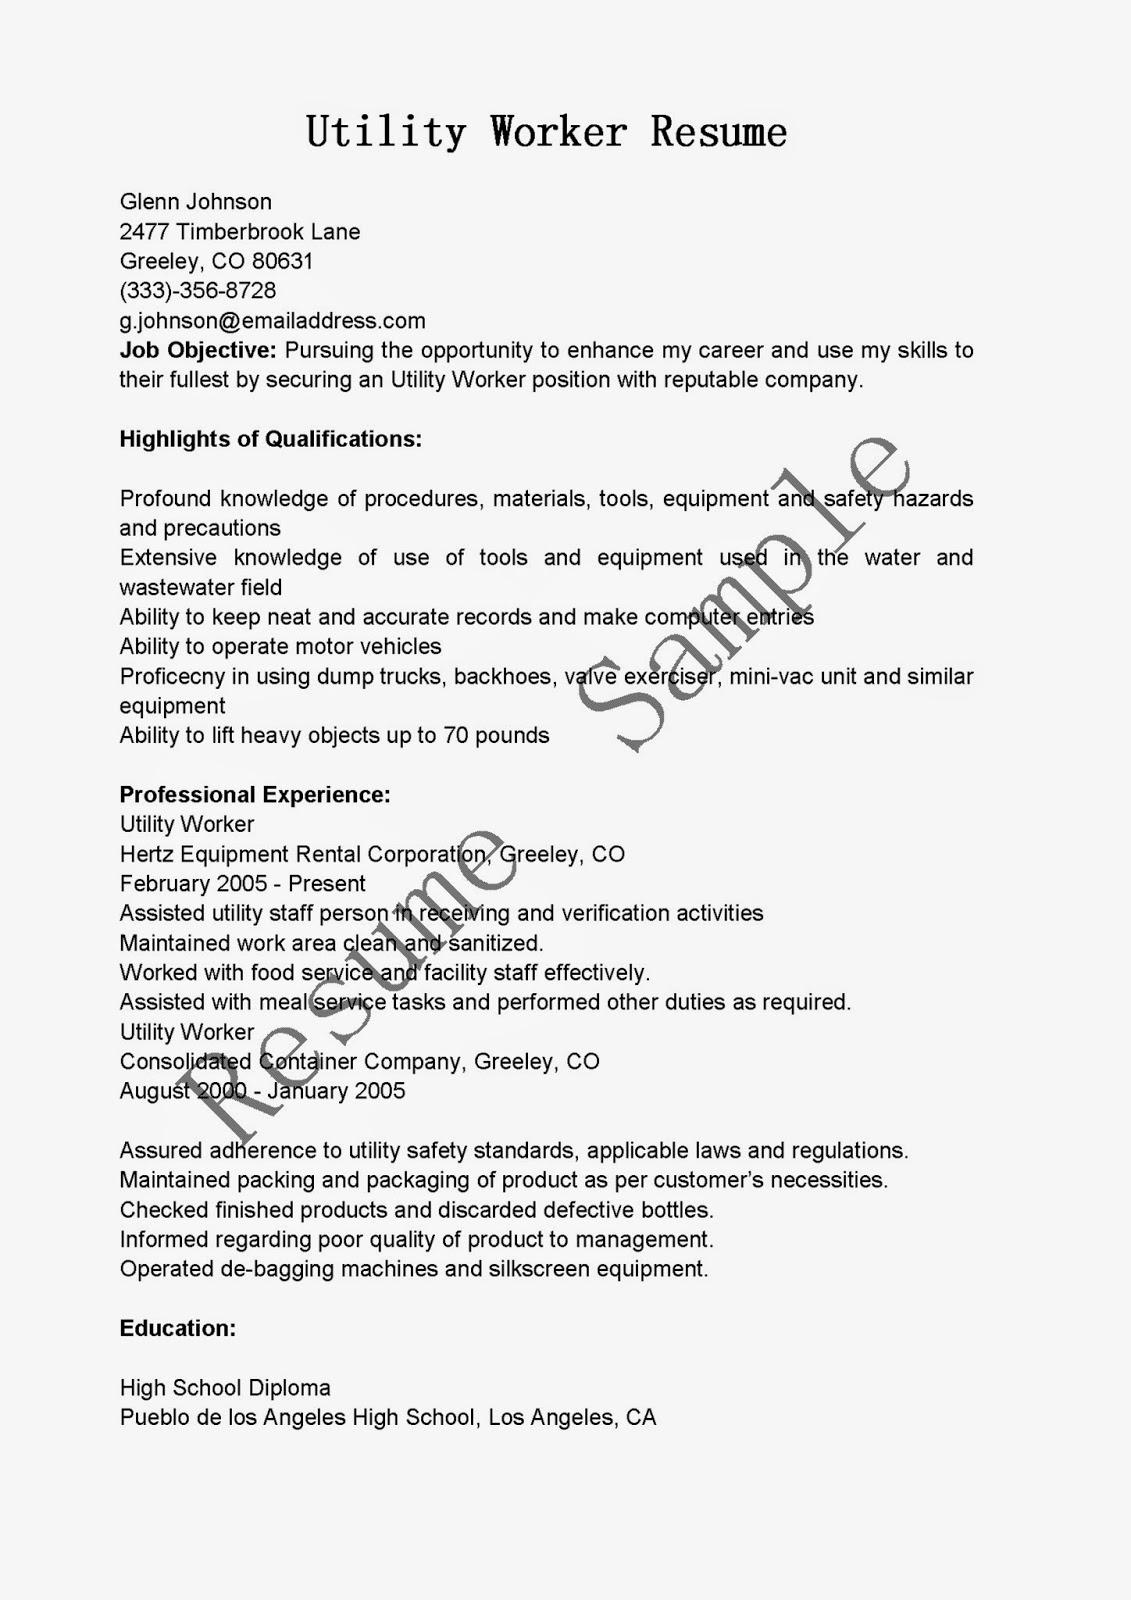 Resume Sample For Utility Worker Plks Tk